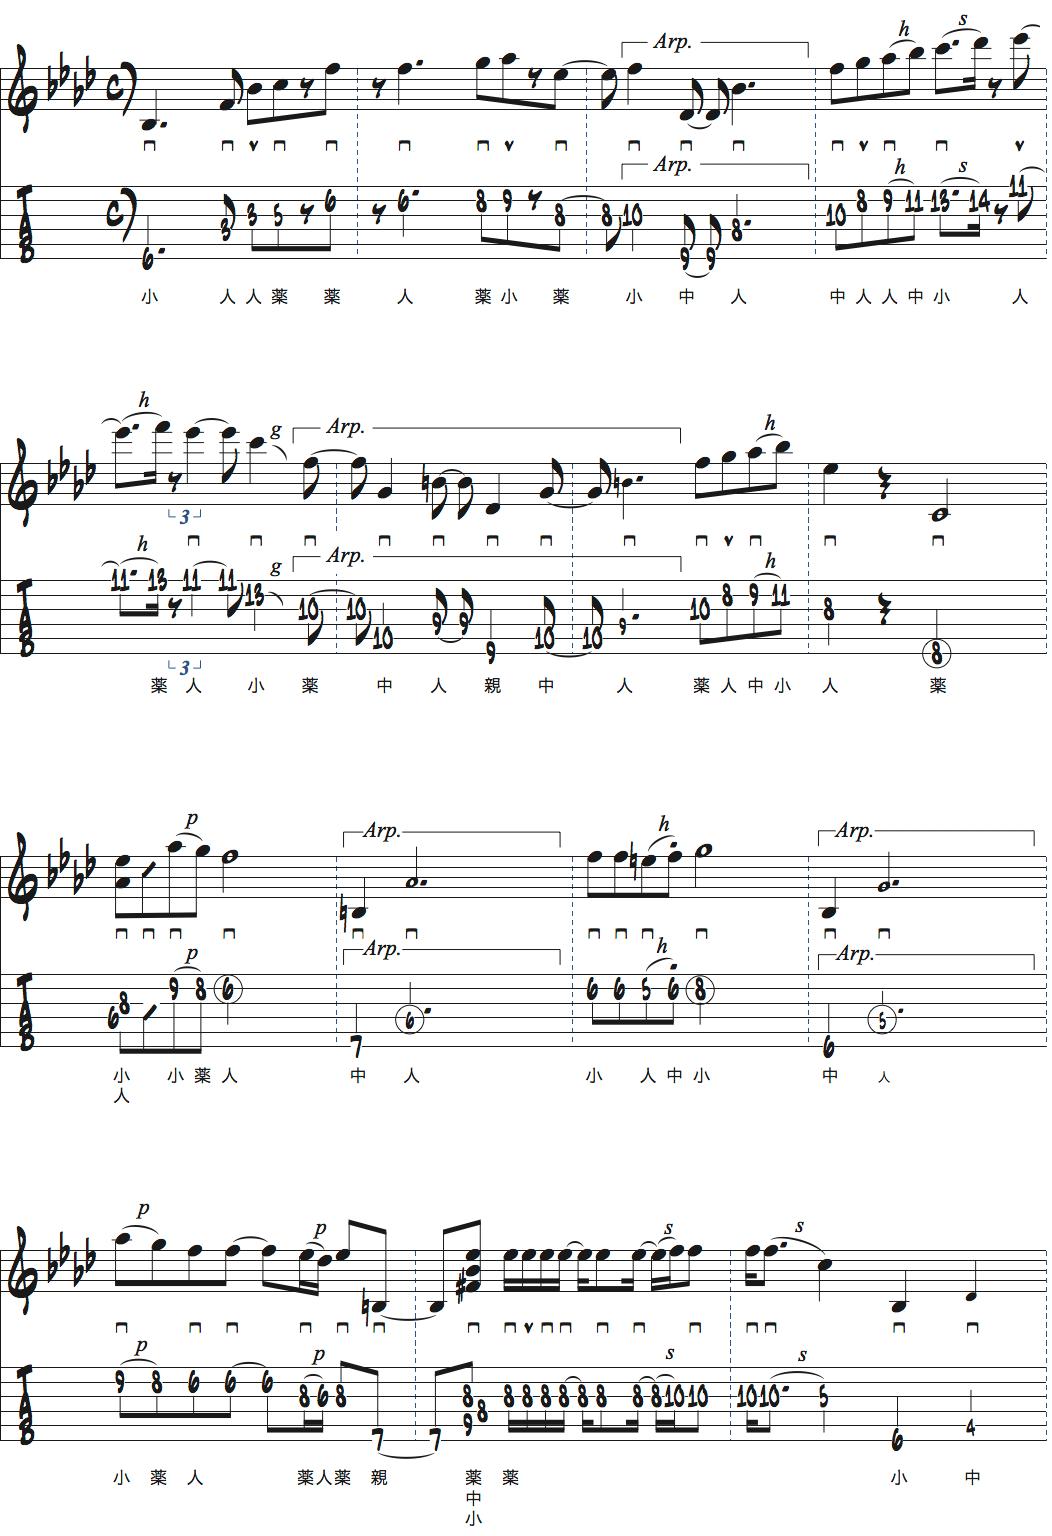 カート・ローゼンウィンケル「Along Came Betty」イントロタブ譜付きギタースコアページ2